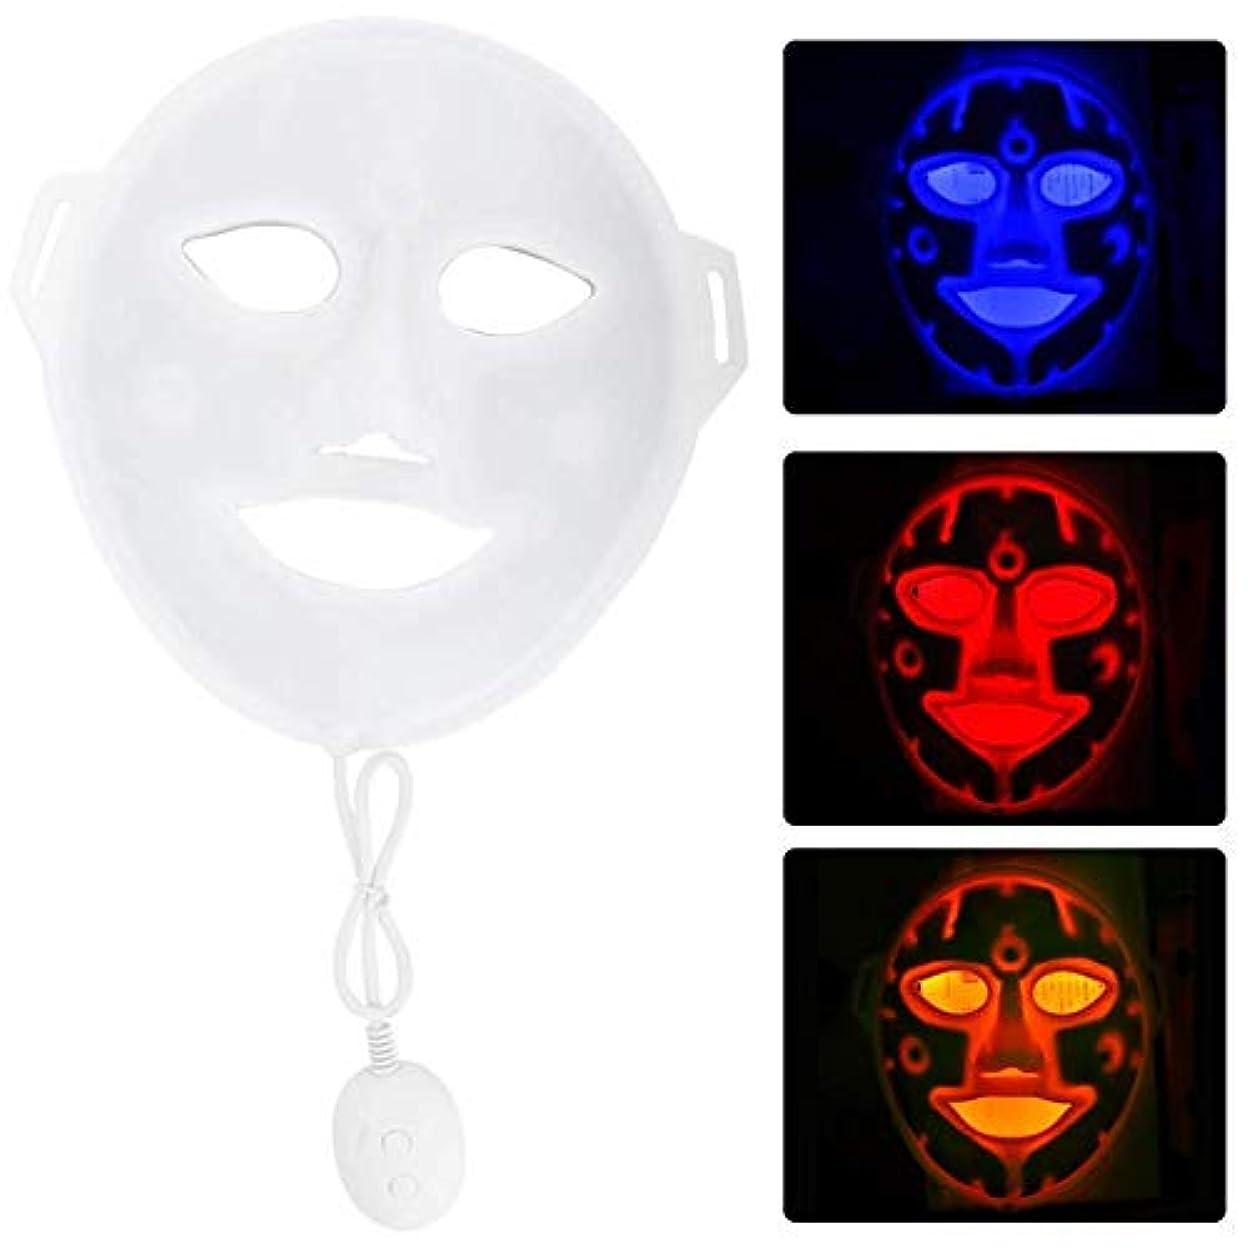 艶真夜中説明的3色はマスクの顔の皮療法機械反老化の電気マスクの表面処置の美用具を導きました